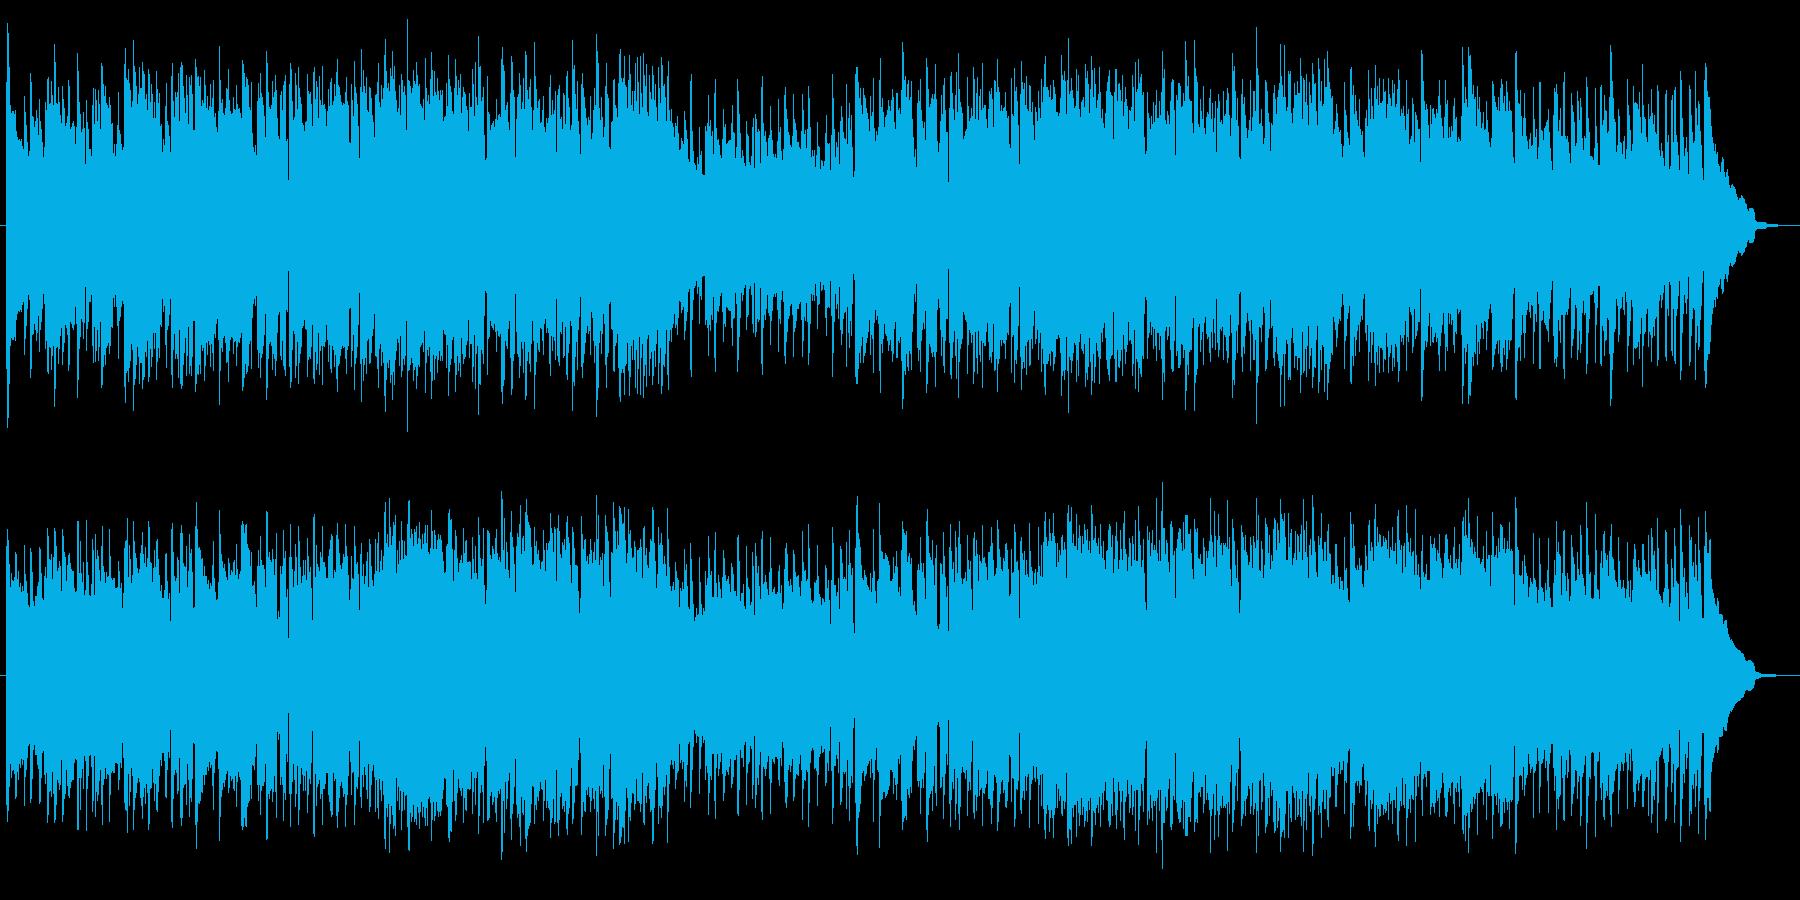 疾走感が爽やかなグルーヴのフォークロックの再生済みの波形